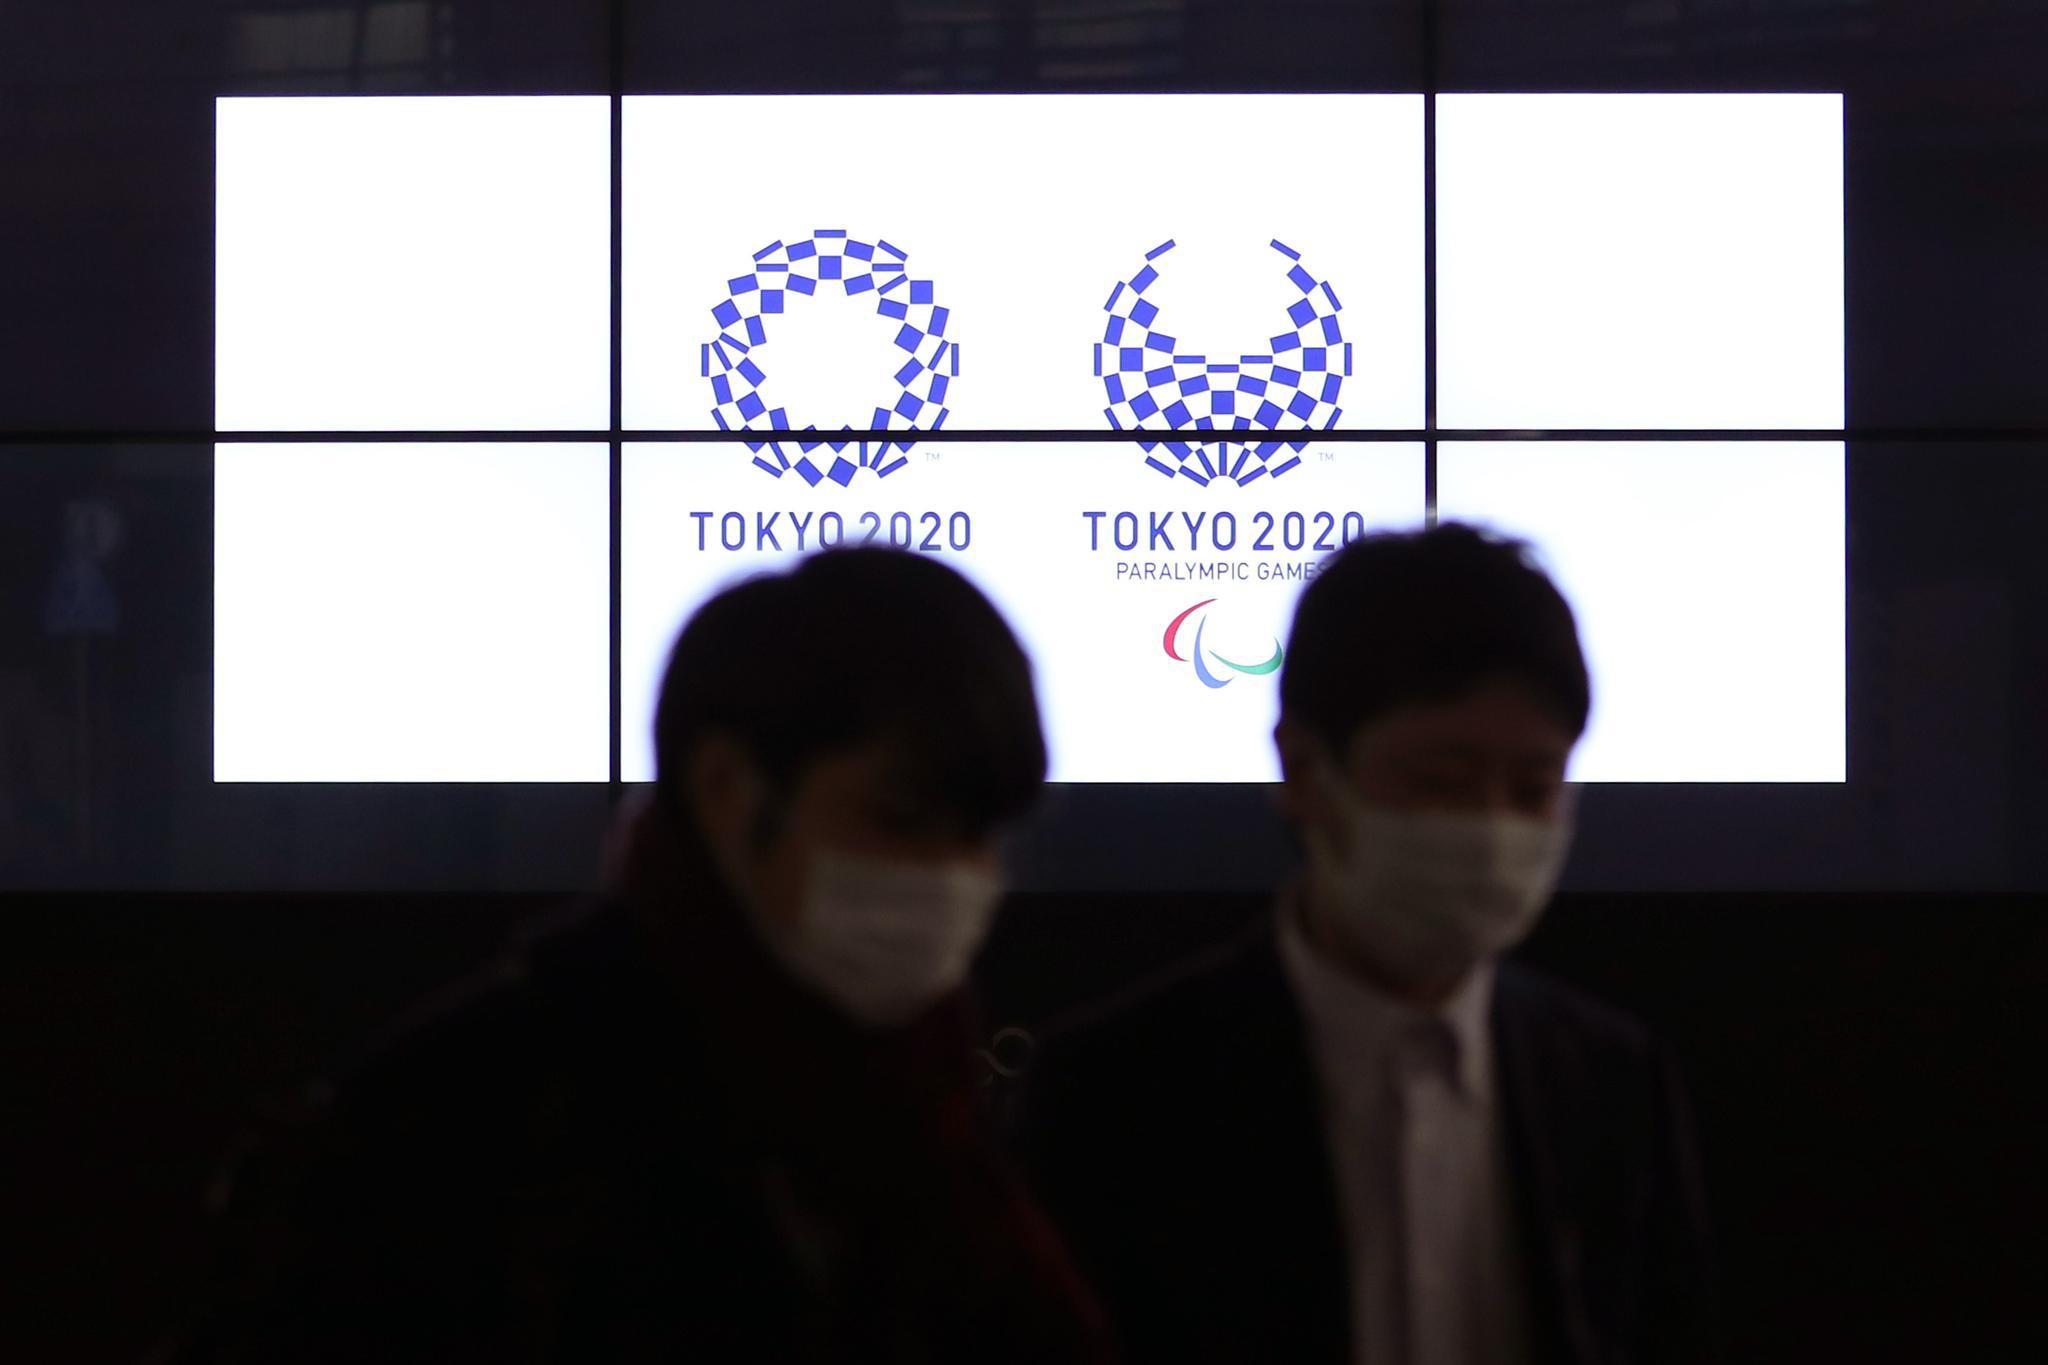 综合消息|东京奥运新档期或将影响北京冬奥 成都大运会再度推迟开幕日期